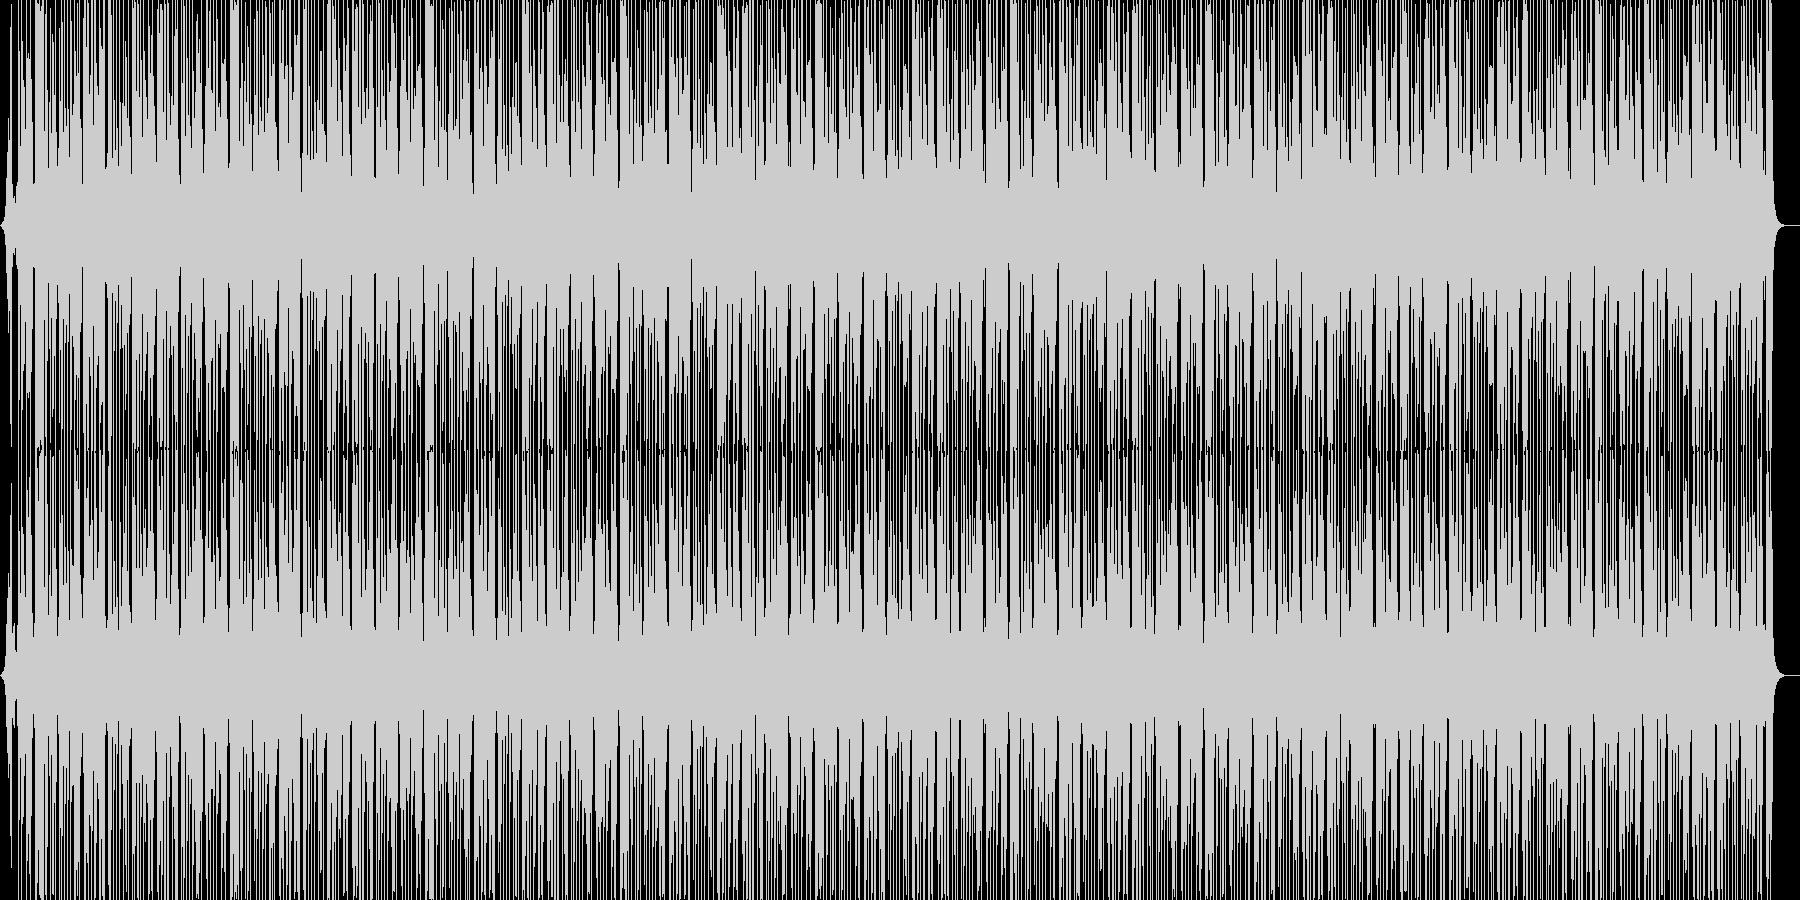 ジャングルBGM(メロ無し)の未再生の波形